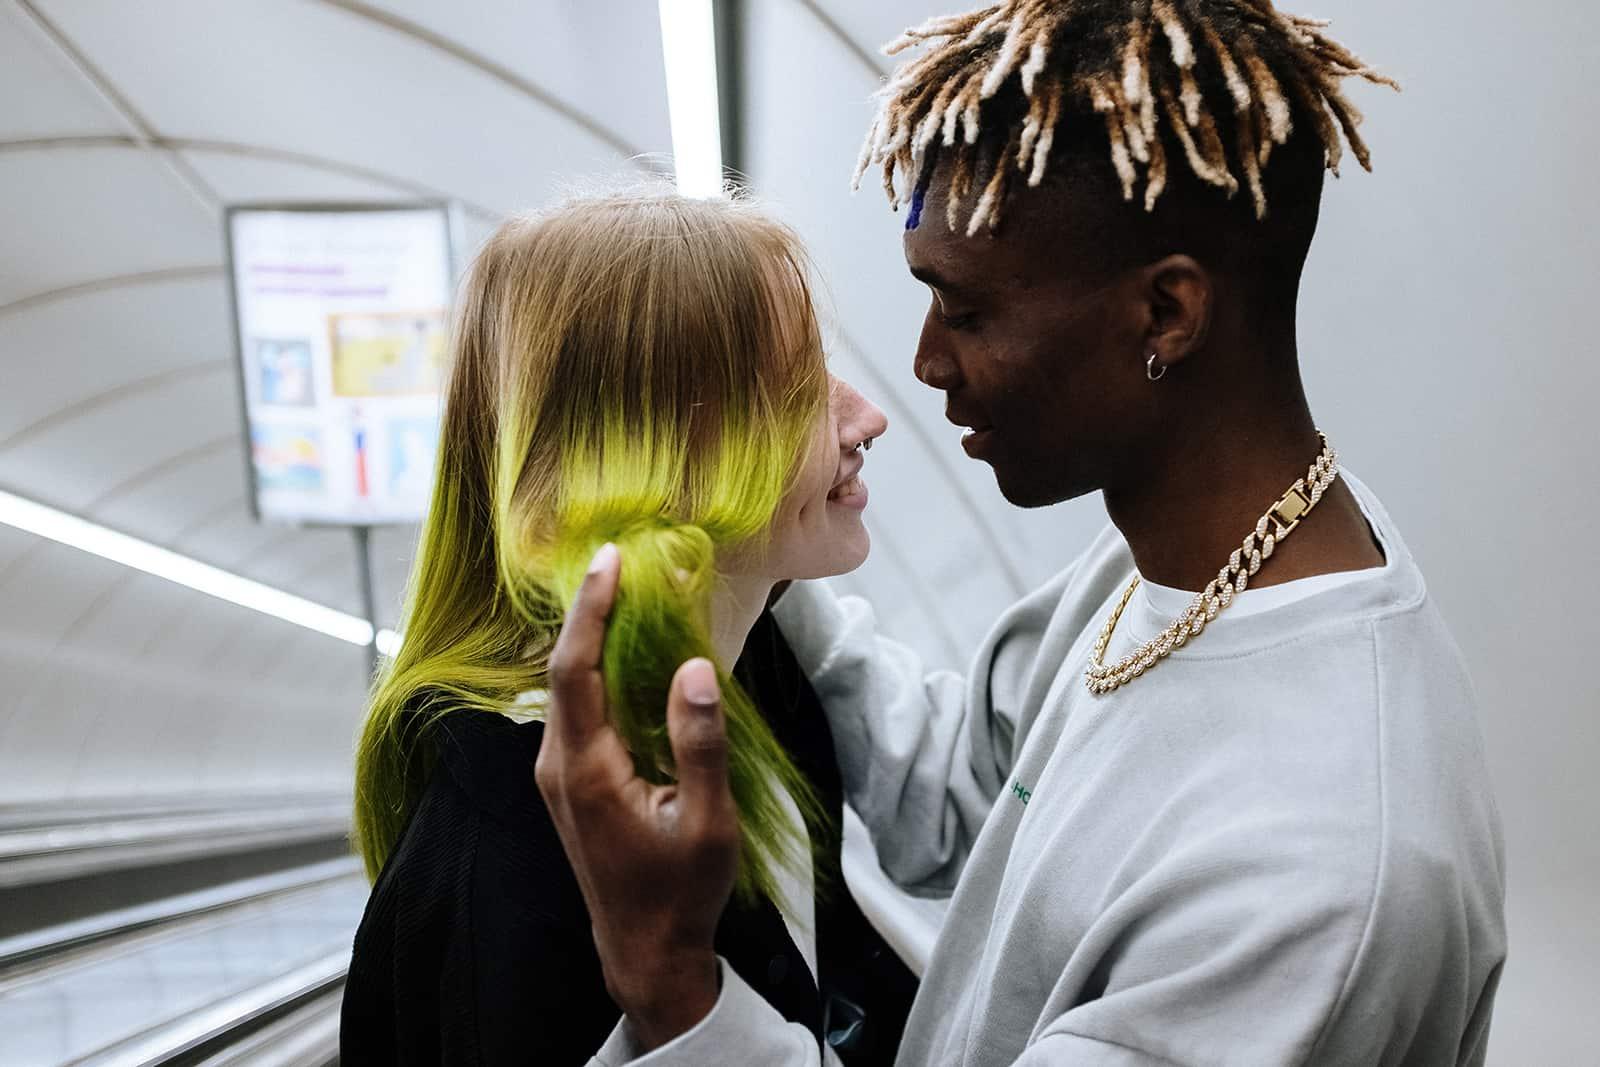 Ein Mann berührt die Haare seiner Freundin, während er sich gegenübersteht